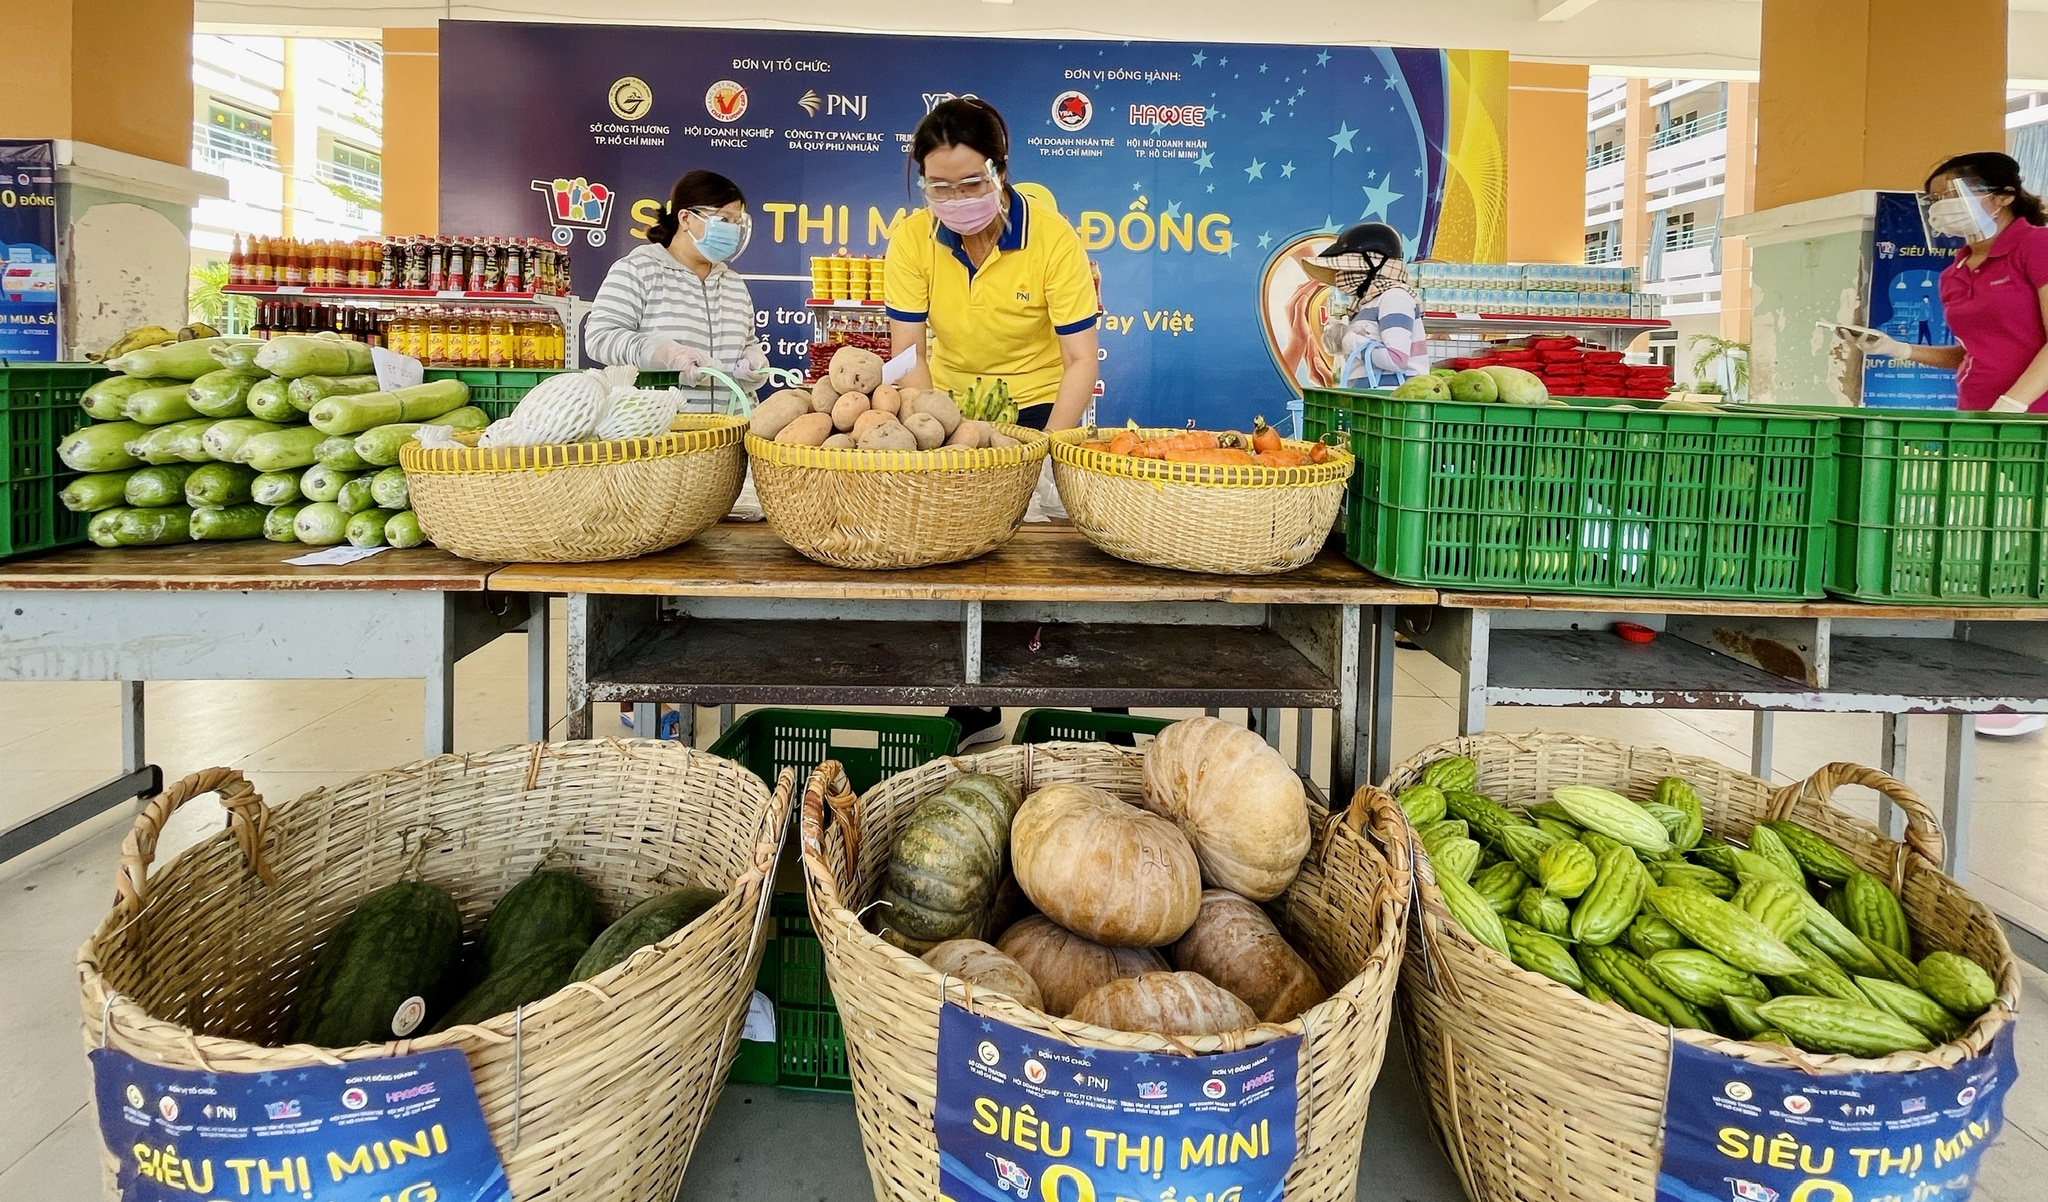 Giữa dịch Covid-19: Người Sài Gòn bật khóc ở siêu thị 0 đồng khi được mua đến 400.000 đồng - ảnh 6